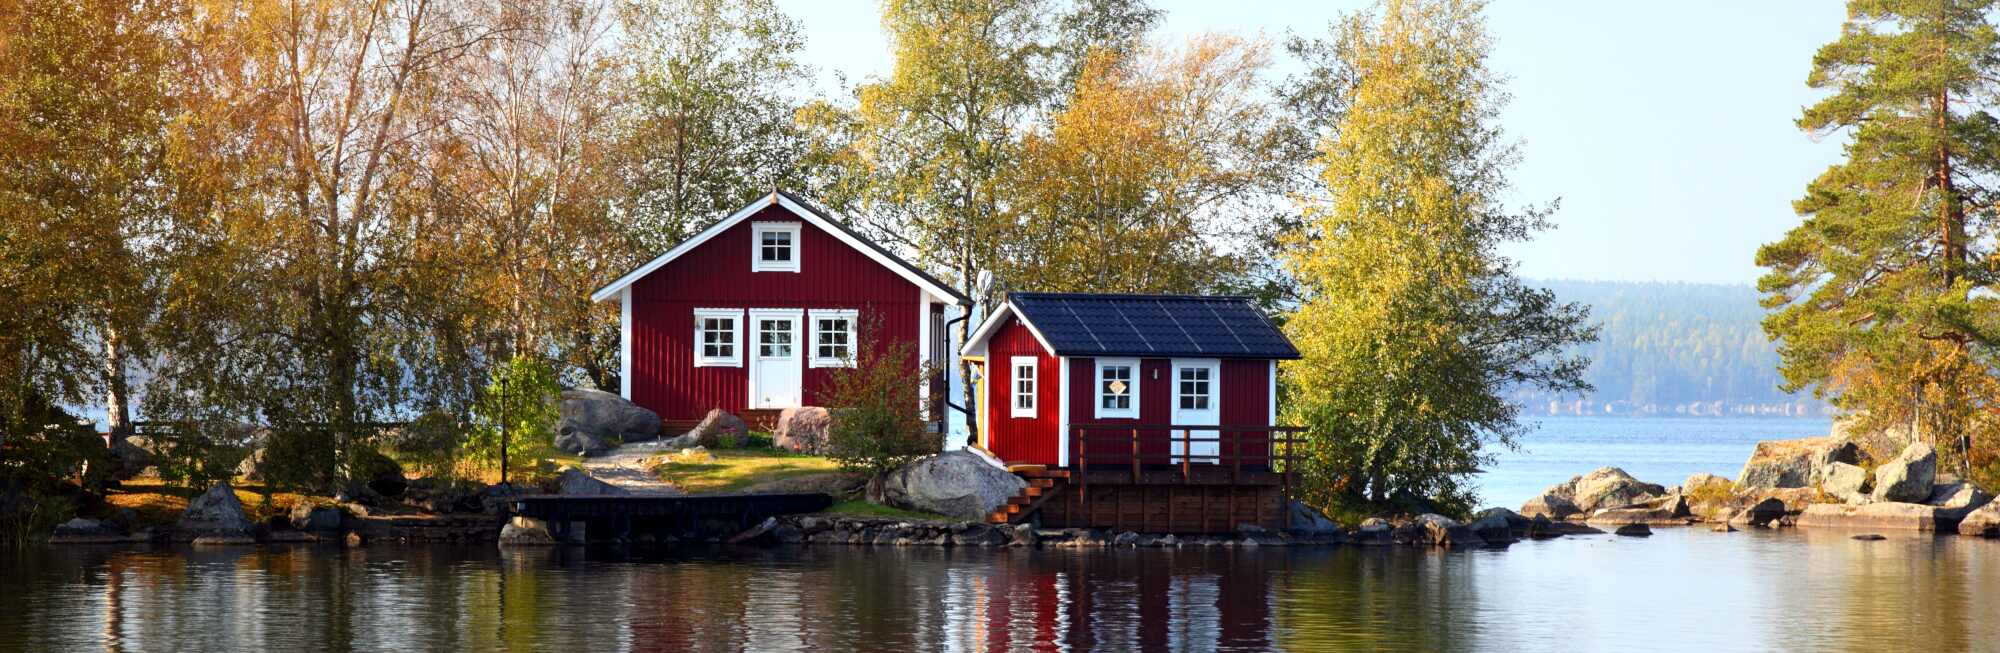 Ein See mit Häusern im Hintergrund